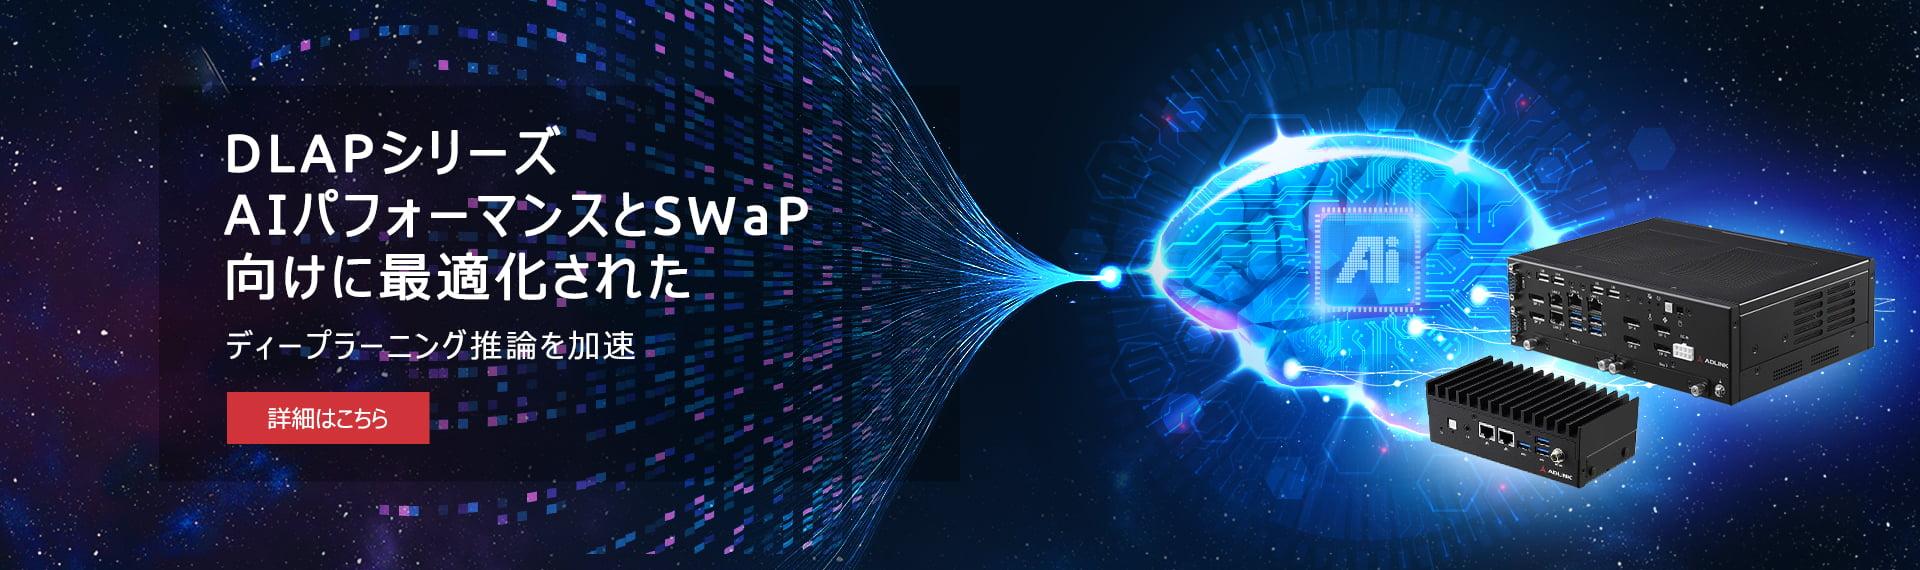 DLAP, ADLINKは、アーキテクチャに最適化されたエッジAIプラットフォームを使用して、エッジで人工知能(AI)を提供することに取り組んでいます。